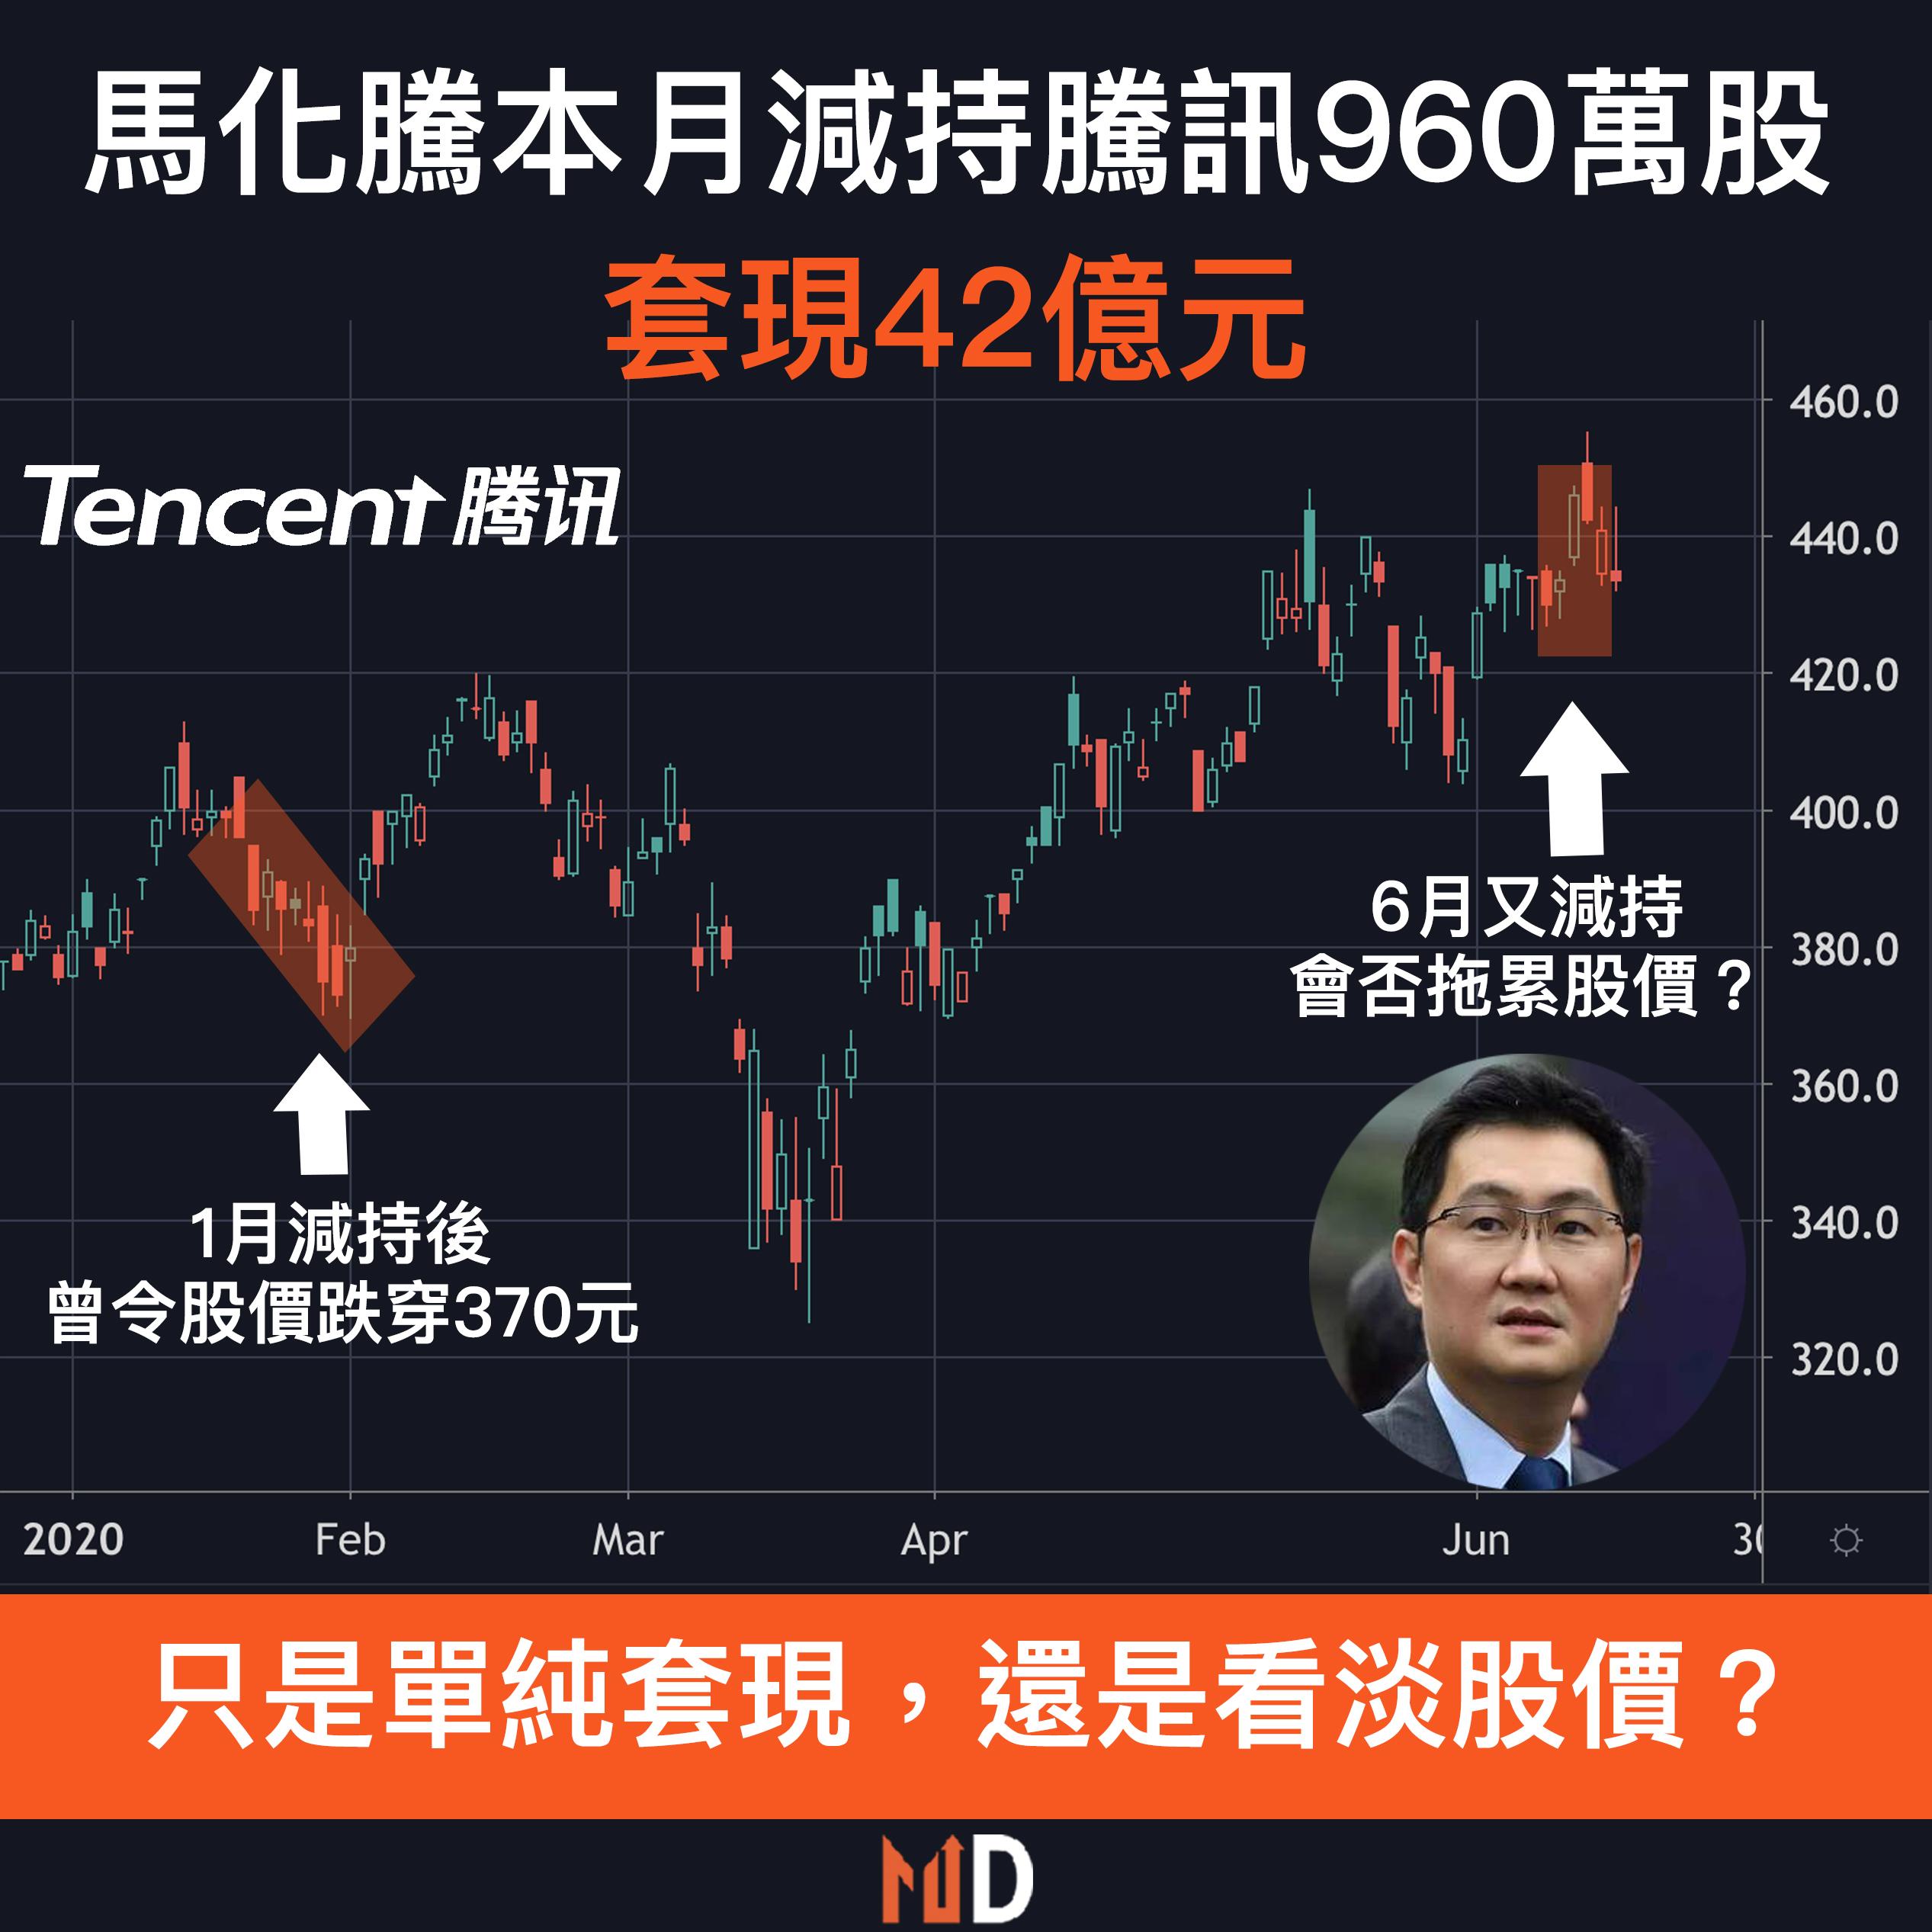 【圖解股市】馬化騰本月再減持騰訊960萬股,套現42億元